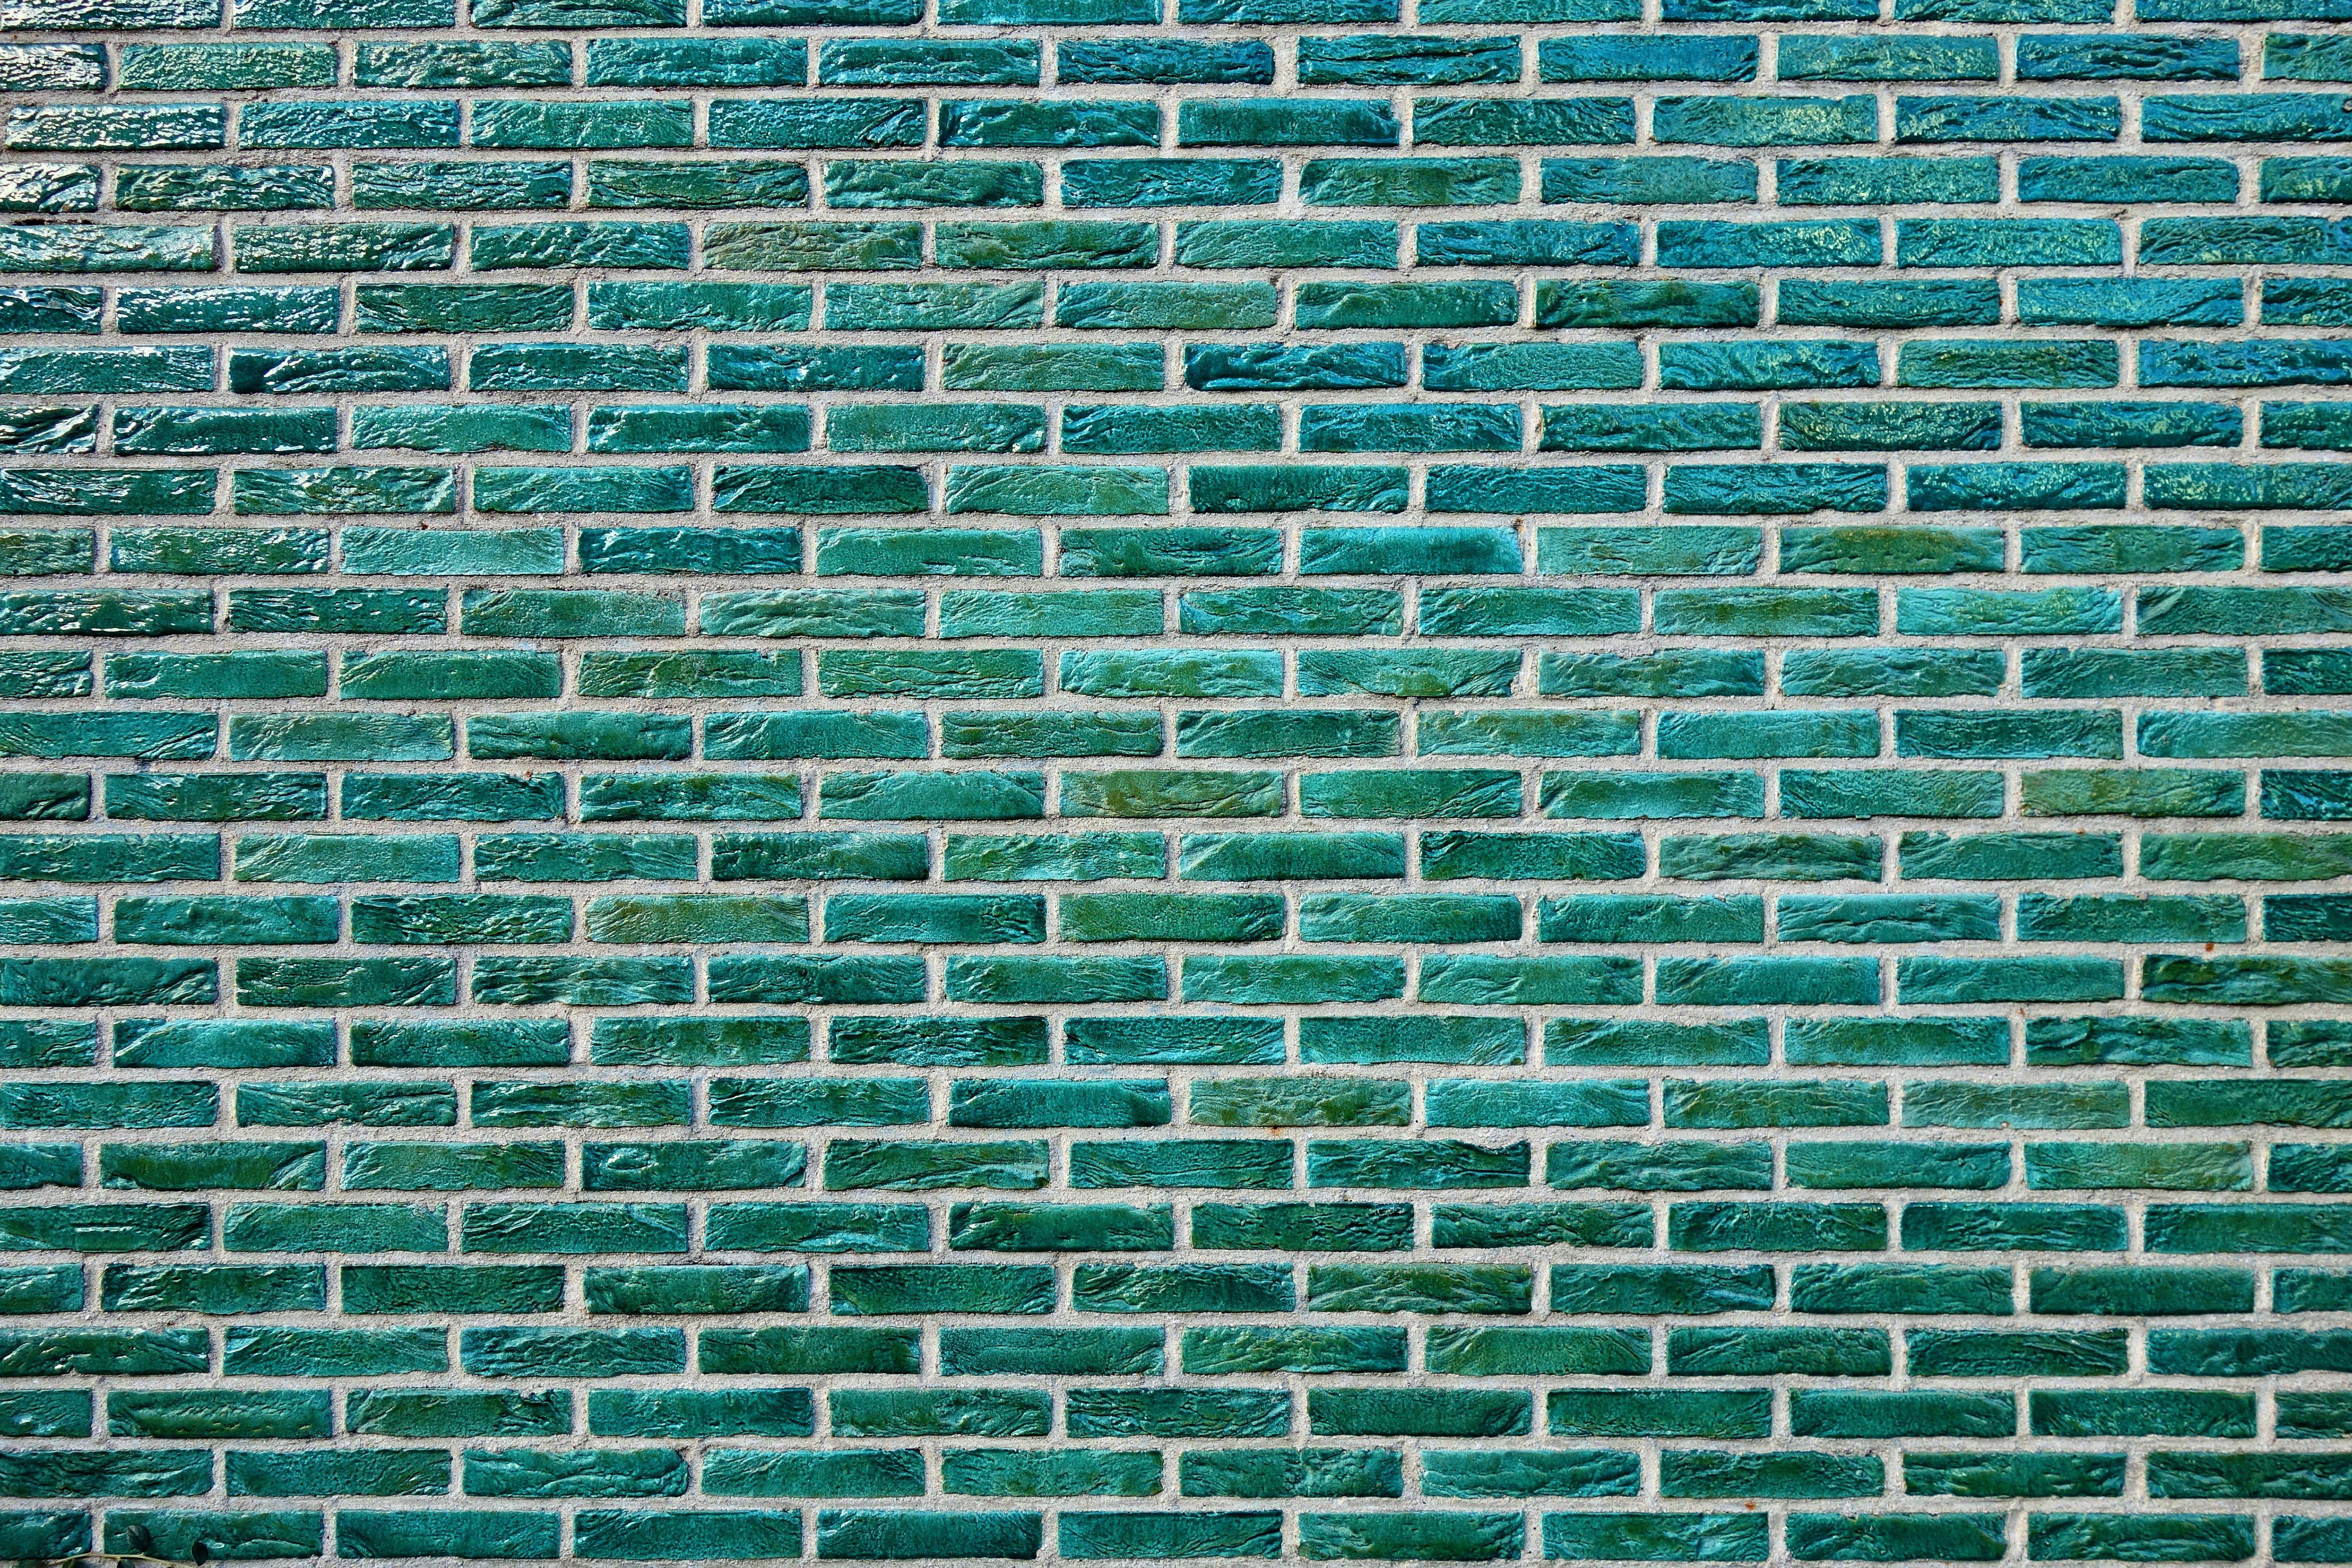 Green Brick Wall Wallpaper Wall Brick Texture Surface Paint 5k Wallpaper Hdwallpaper Desktop Brick Wall Wallpaper Green Bricks Brick Wallpaper Green Hd wallpaper texture surface wall brick